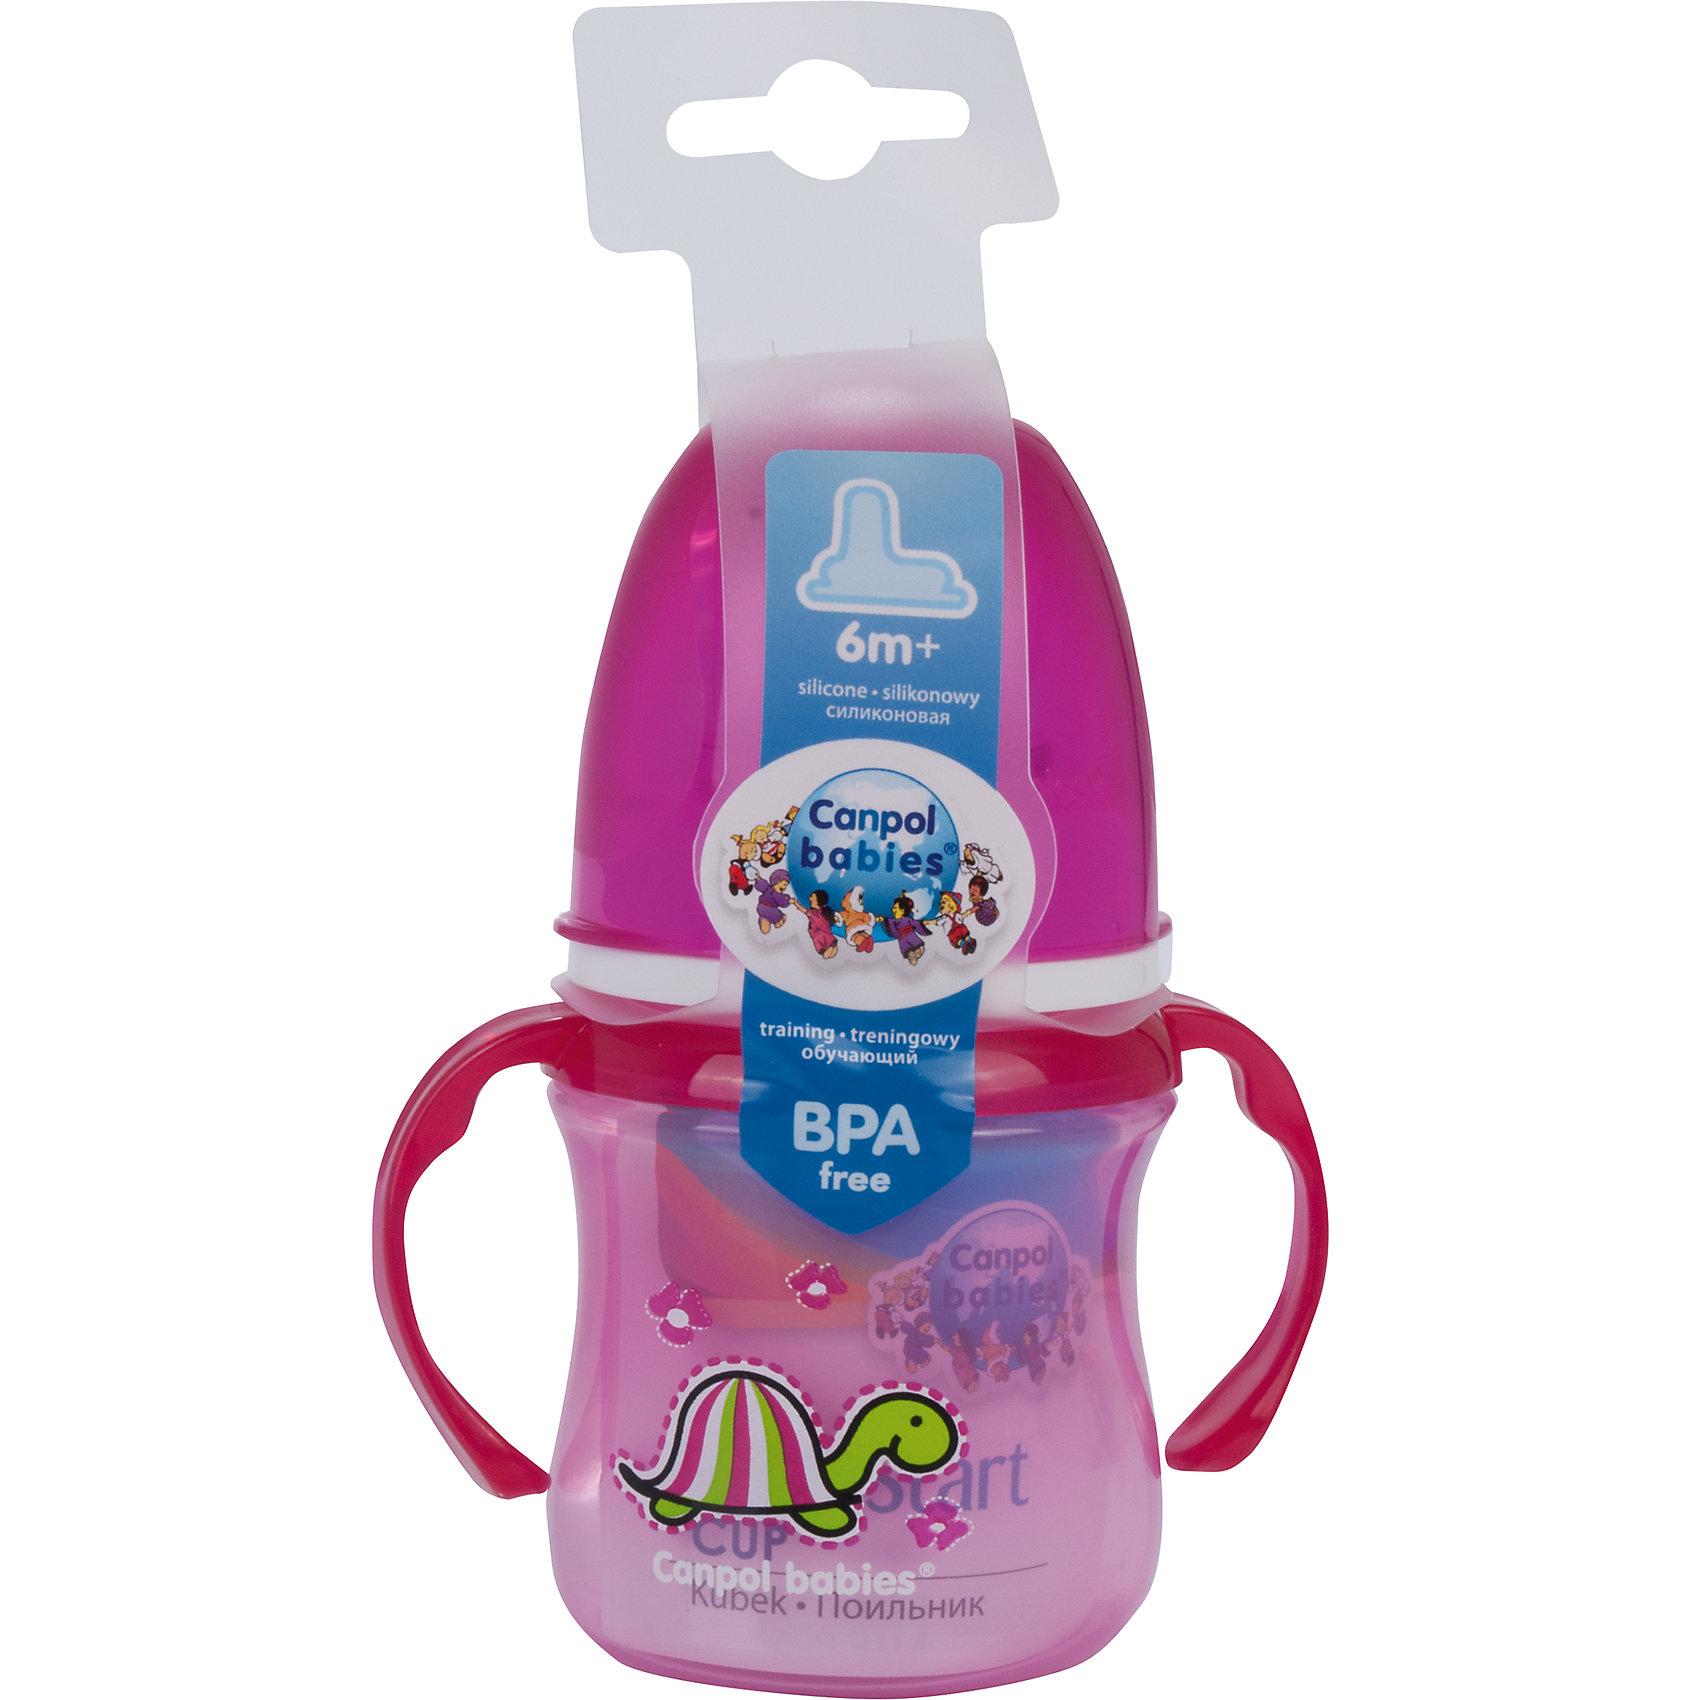 Поильник обучающий EasyStart с силиконовым носиком, 120 мл. 6+ Colourful animals, Canpol Babies, розовыйПоильники<br>Поильник обучающий EasyStart с силиконовым носиком, 120 мл. 6+ Colourful animals, Canpol Babies (Канпол беби), розовый.<br><br>Характеристики:<br>• мягкий силиконовый носик<br>• не содержит бисфенол-А<br>• удобные ручки<br>• защитная крышка<br>• яркий дизайн<br>• размер: 15х10х10 см<br>• объем: 120 мл<br>• цвет: розовый<br><br>Поильник EasyStart отлично подойдет для малышей, стремящихся к самостоятельности. Ребенок сможет взять поильник за две удобные ручки и научиться пить из него. Силиконовый носик поможет избежать случайного травмирования ротовой полости. Непроливающийся поильник можно использовать в двух вариантах: для совсем маленьких детей - мягкий носик, и для детей старше года -жесткий носик. Крышка защитит бутылочку от грязи и пыли. Яркий дизайн привлечет внимание крохи, и он с удовольствием научится пить самостоятельно!<br><br>Вы можете купить поильник обучающий EasyStart с силиконовым носиком, 120 мл. 6+ Colourful animals, Canpol Babies (Канпол беби), розовый в нашем интернет-магазине.<br><br>Ширина мм: 100<br>Глубина мм: 65<br>Высота мм: 160<br>Вес г: 720<br>Возраст от месяцев: 6<br>Возраст до месяцев: 18<br>Пол: Женский<br>Возраст: Детский<br>SKU: 5156713